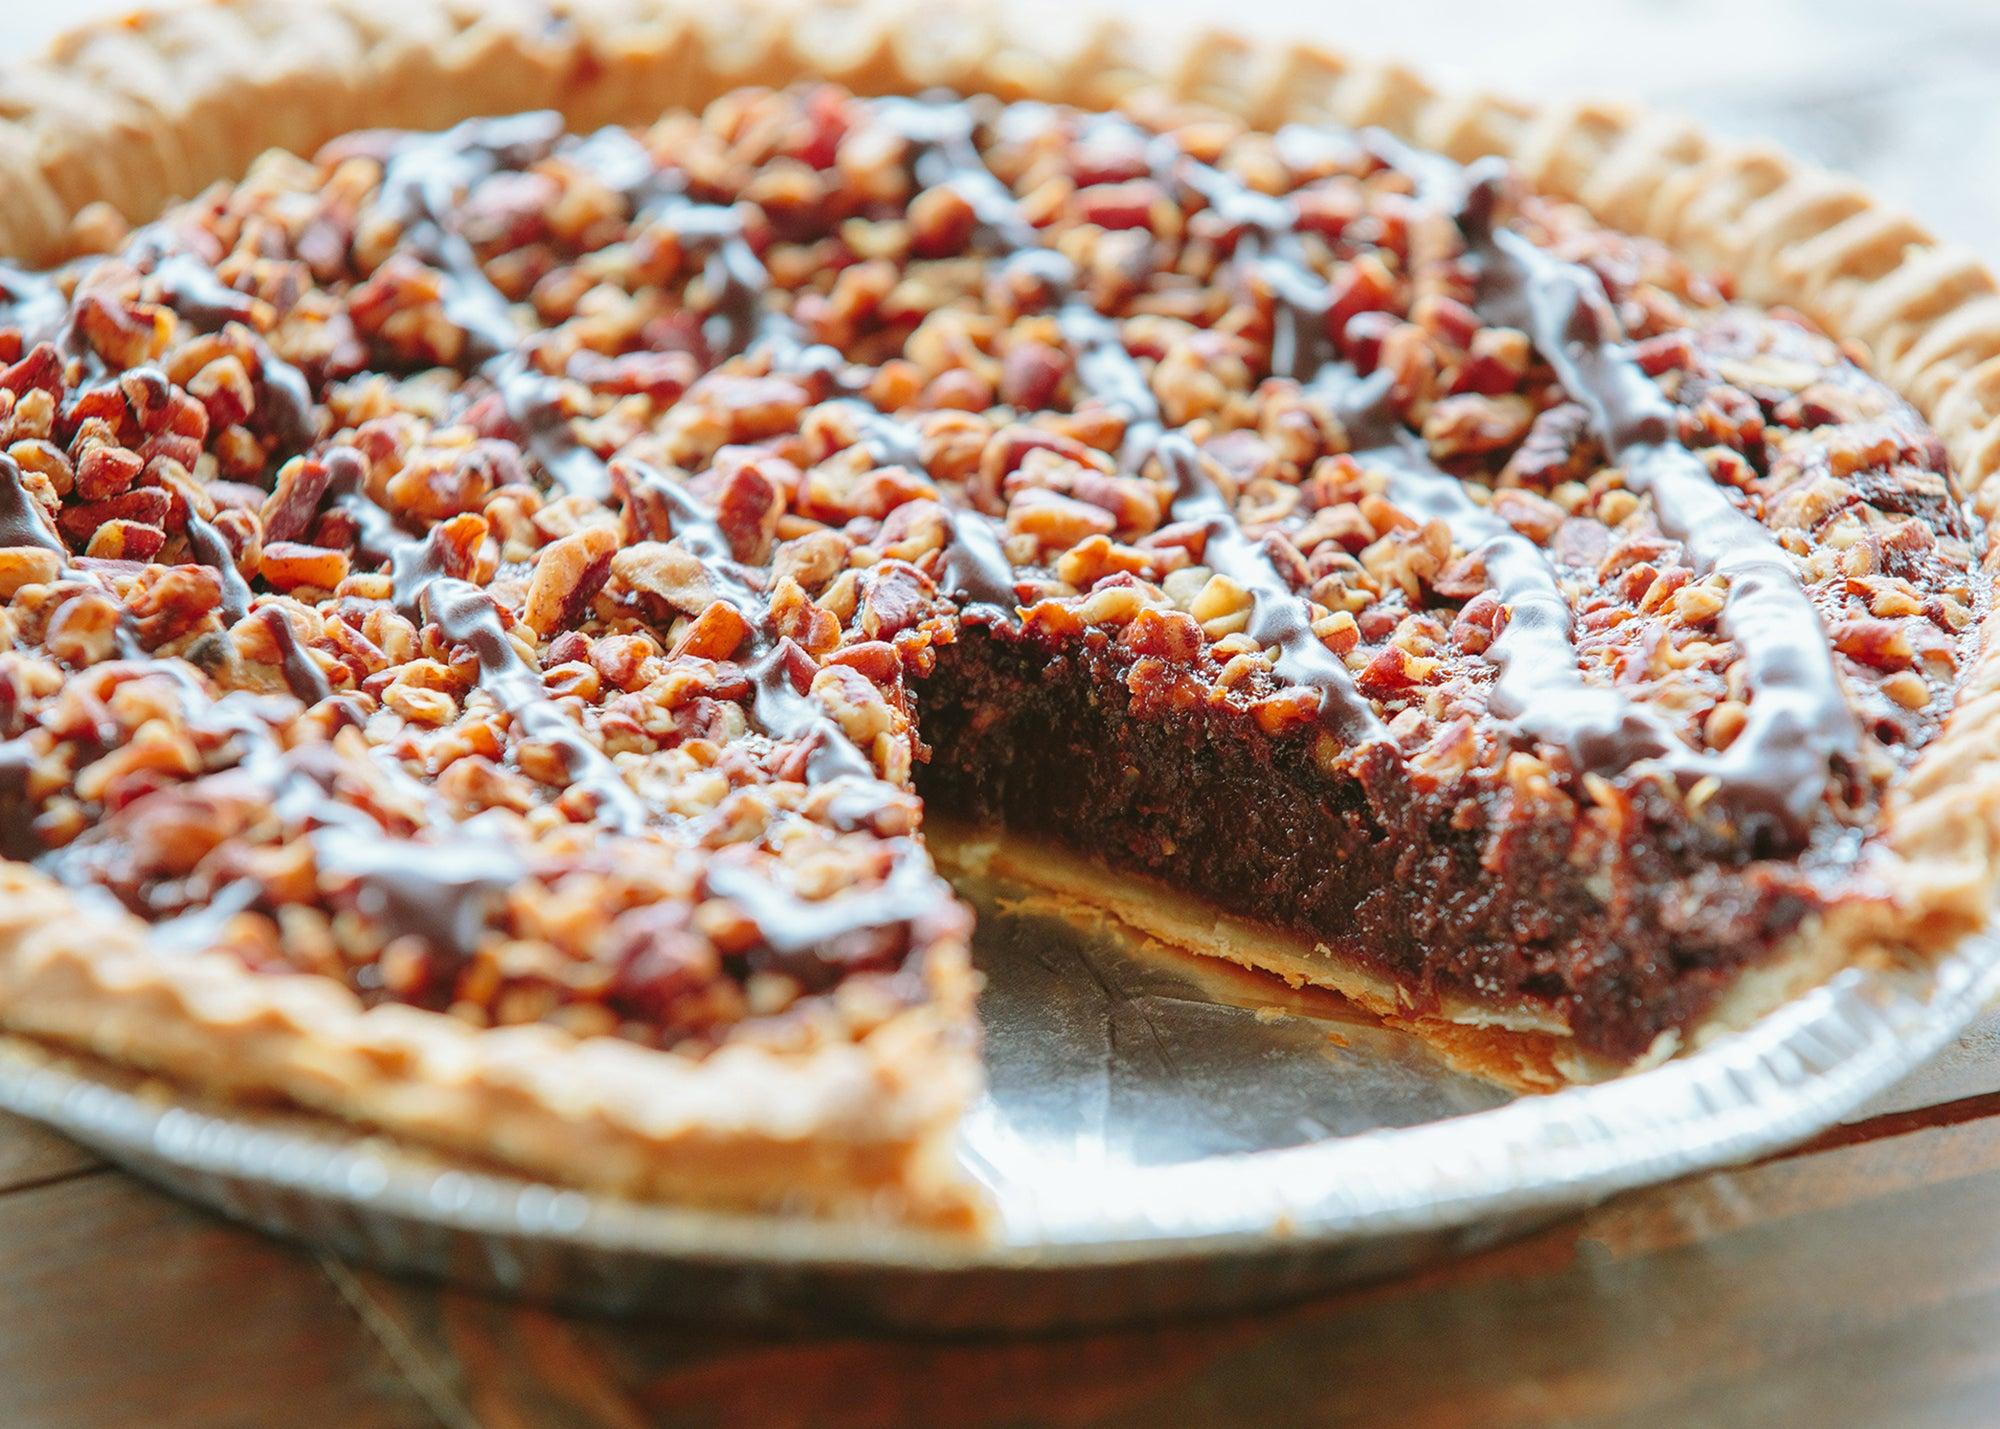 Chocolate bourbon pecan pie at Petsi Pies